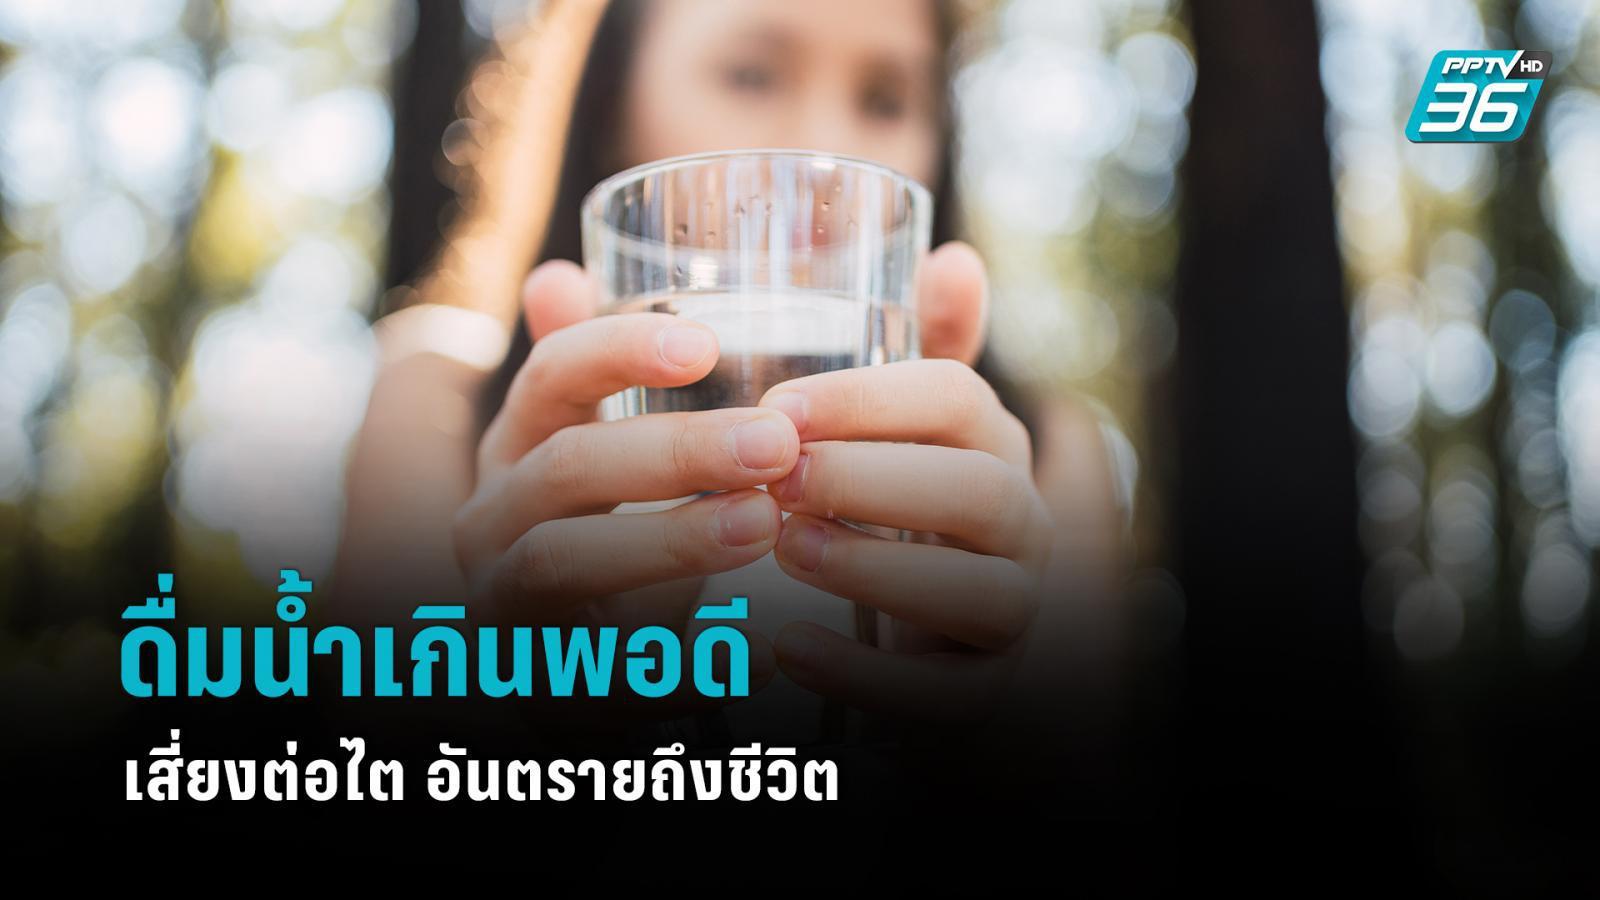 ดื่มน้ำเกินพอดี ระวังเสี่ยงต่อโรคไต อันตรายถึงชีวิต